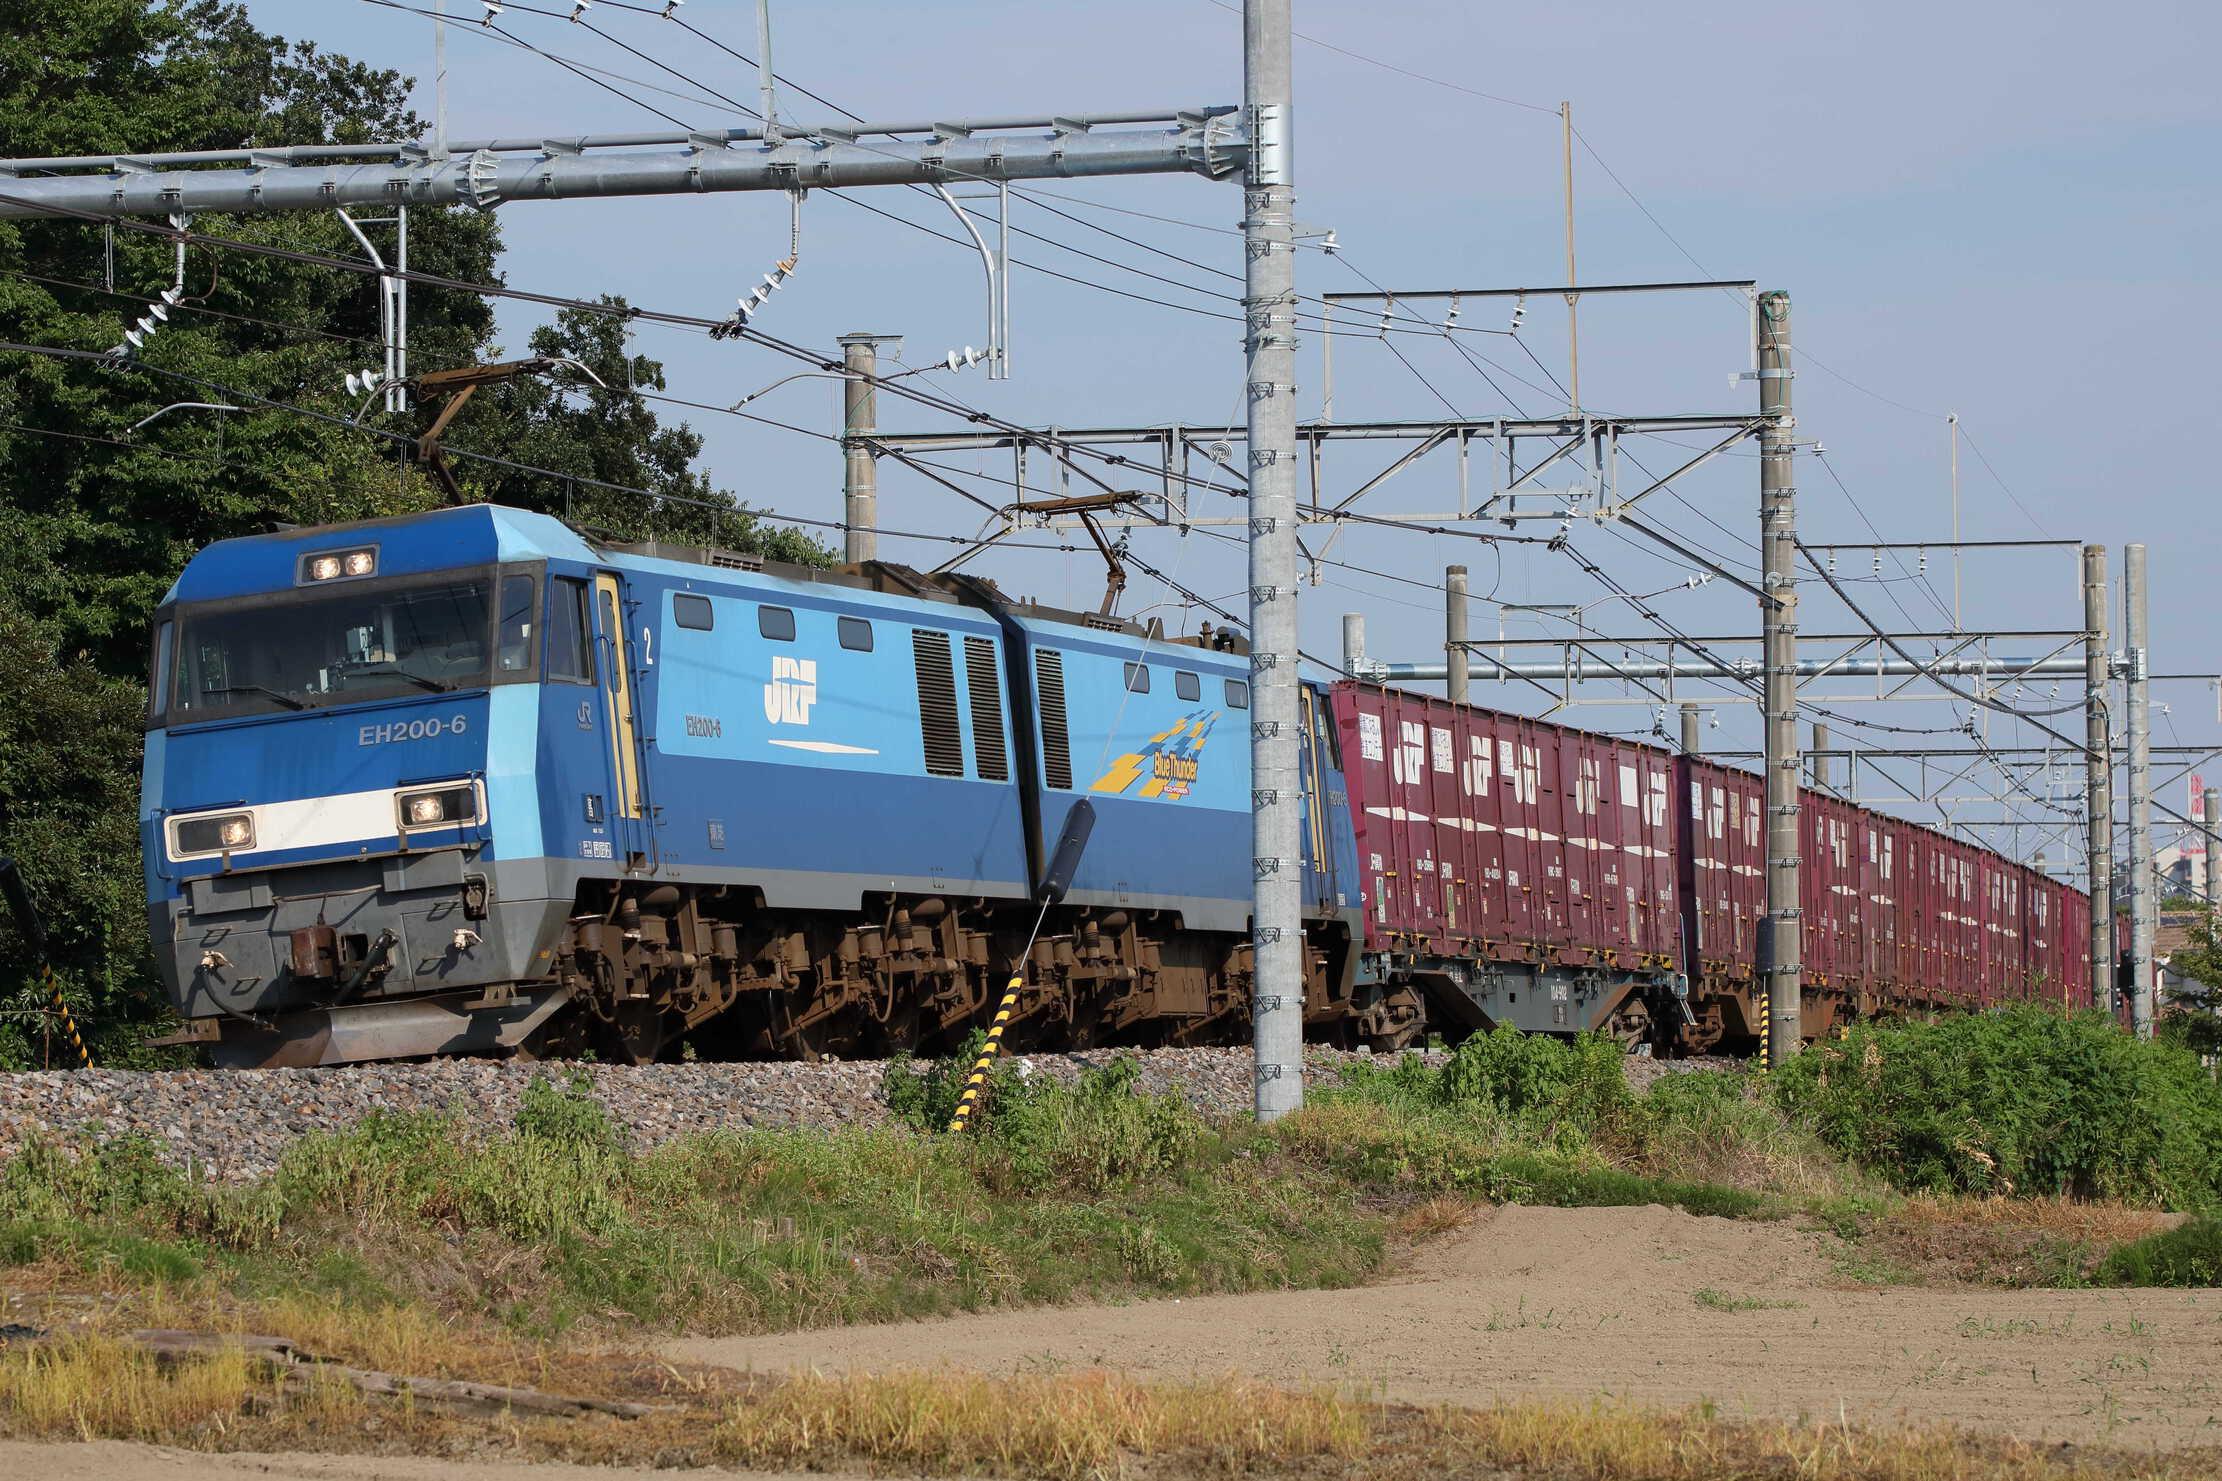 6087列車 EH200-6[高]+コキ